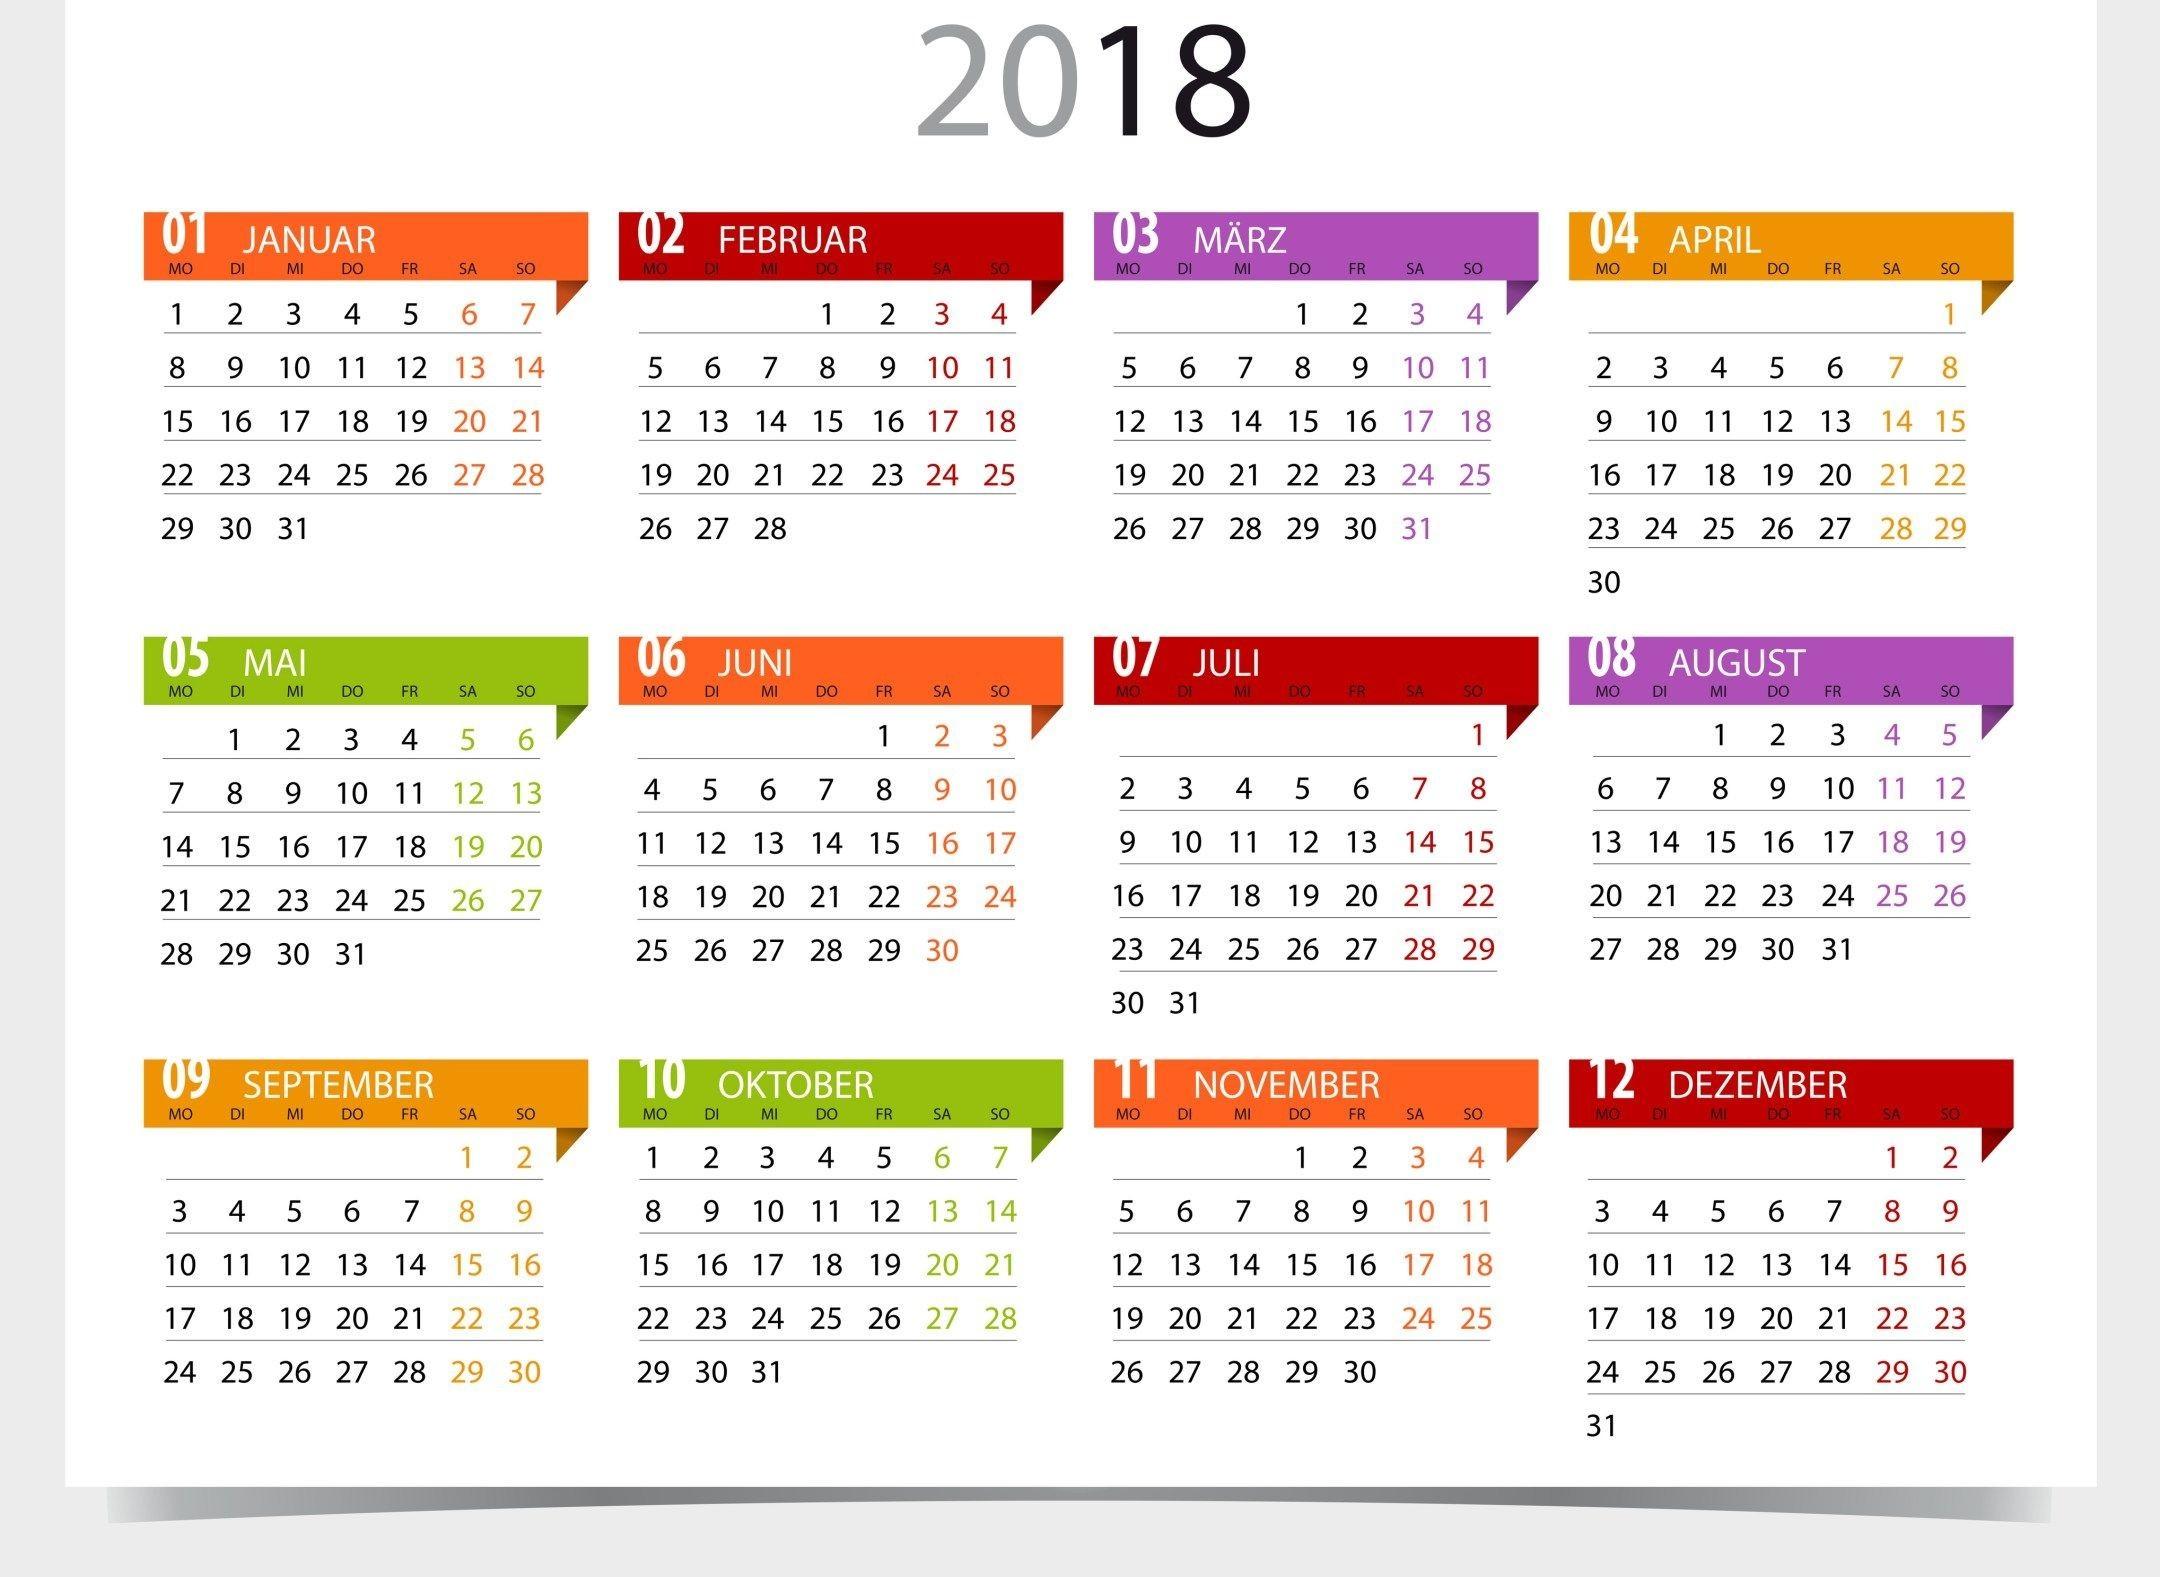 Calendario Julio A Diciembre 2017 Para Imprimir Más Recientemente Liberado Es Calendarios Para Imprimir 2017 Noviembre Of Calendario Julio A Diciembre 2017 Para Imprimir Recientes Noviembre 2016